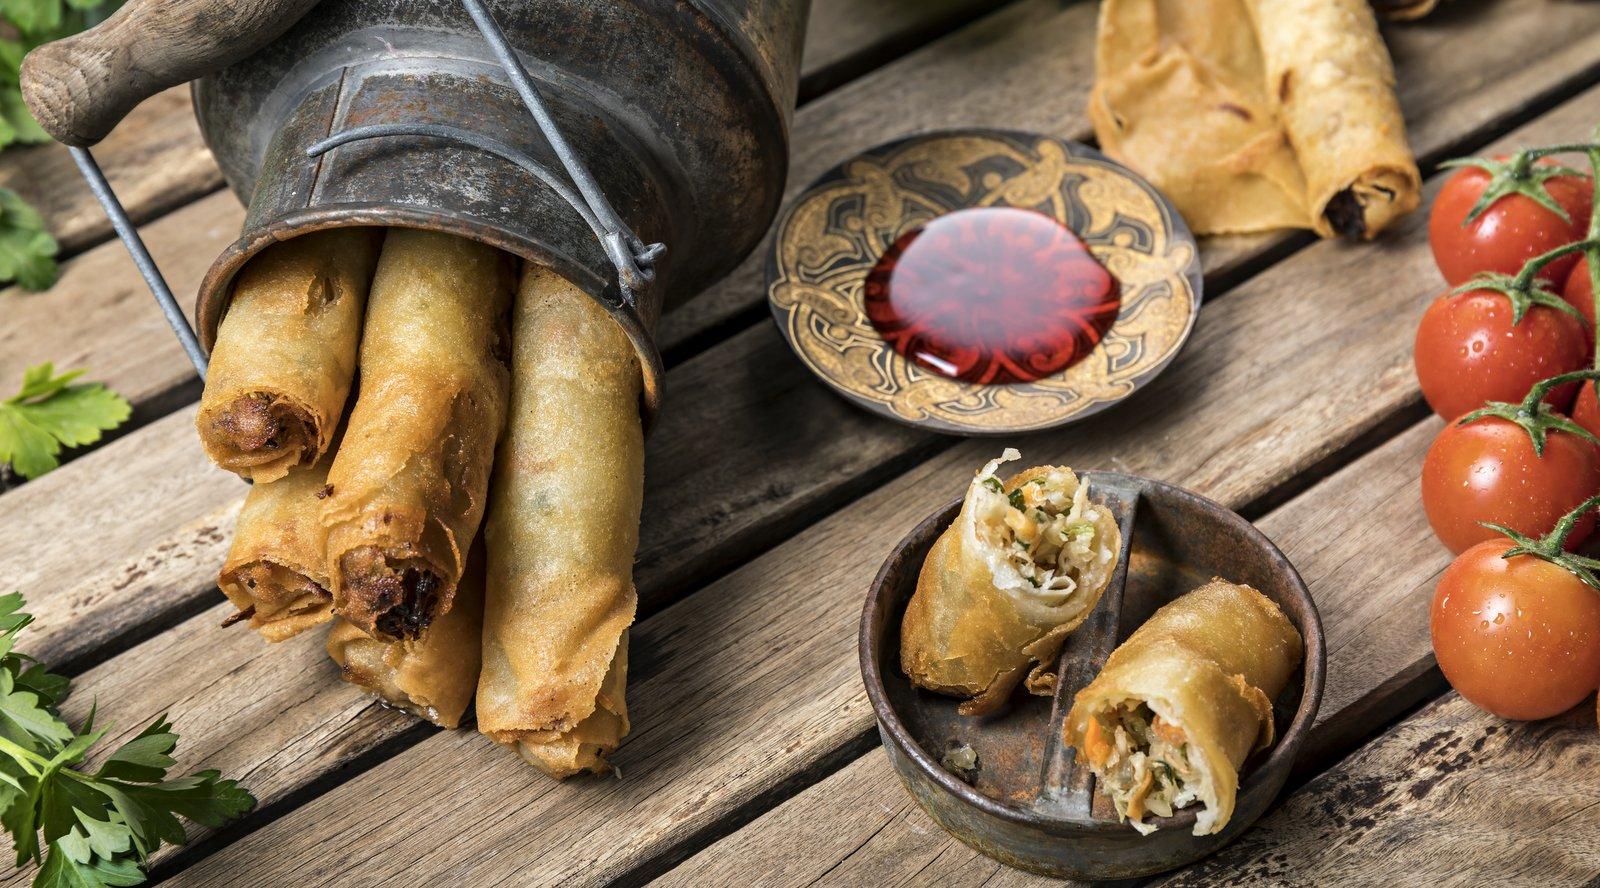 קייטרינג בשרי בירושלים | אגרול סיני | חנות לאוכל מוכן | האחוזה קייטרינג